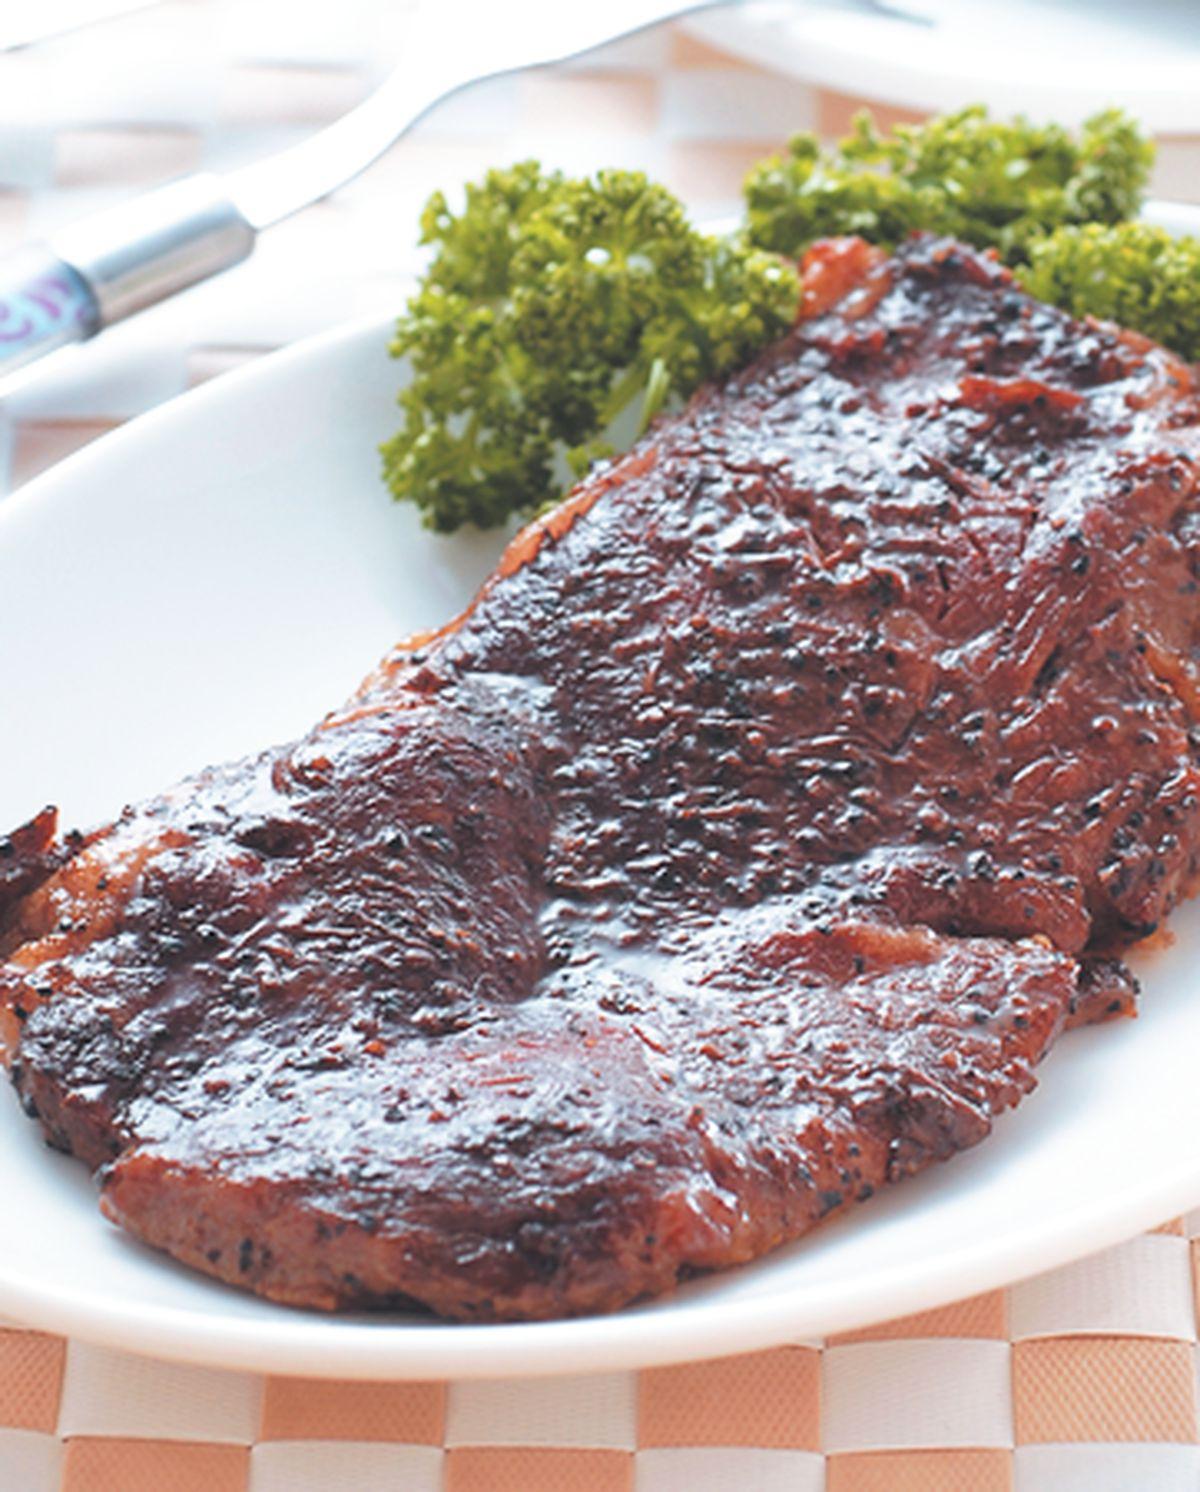 食譜:黑胡椒烤牛排